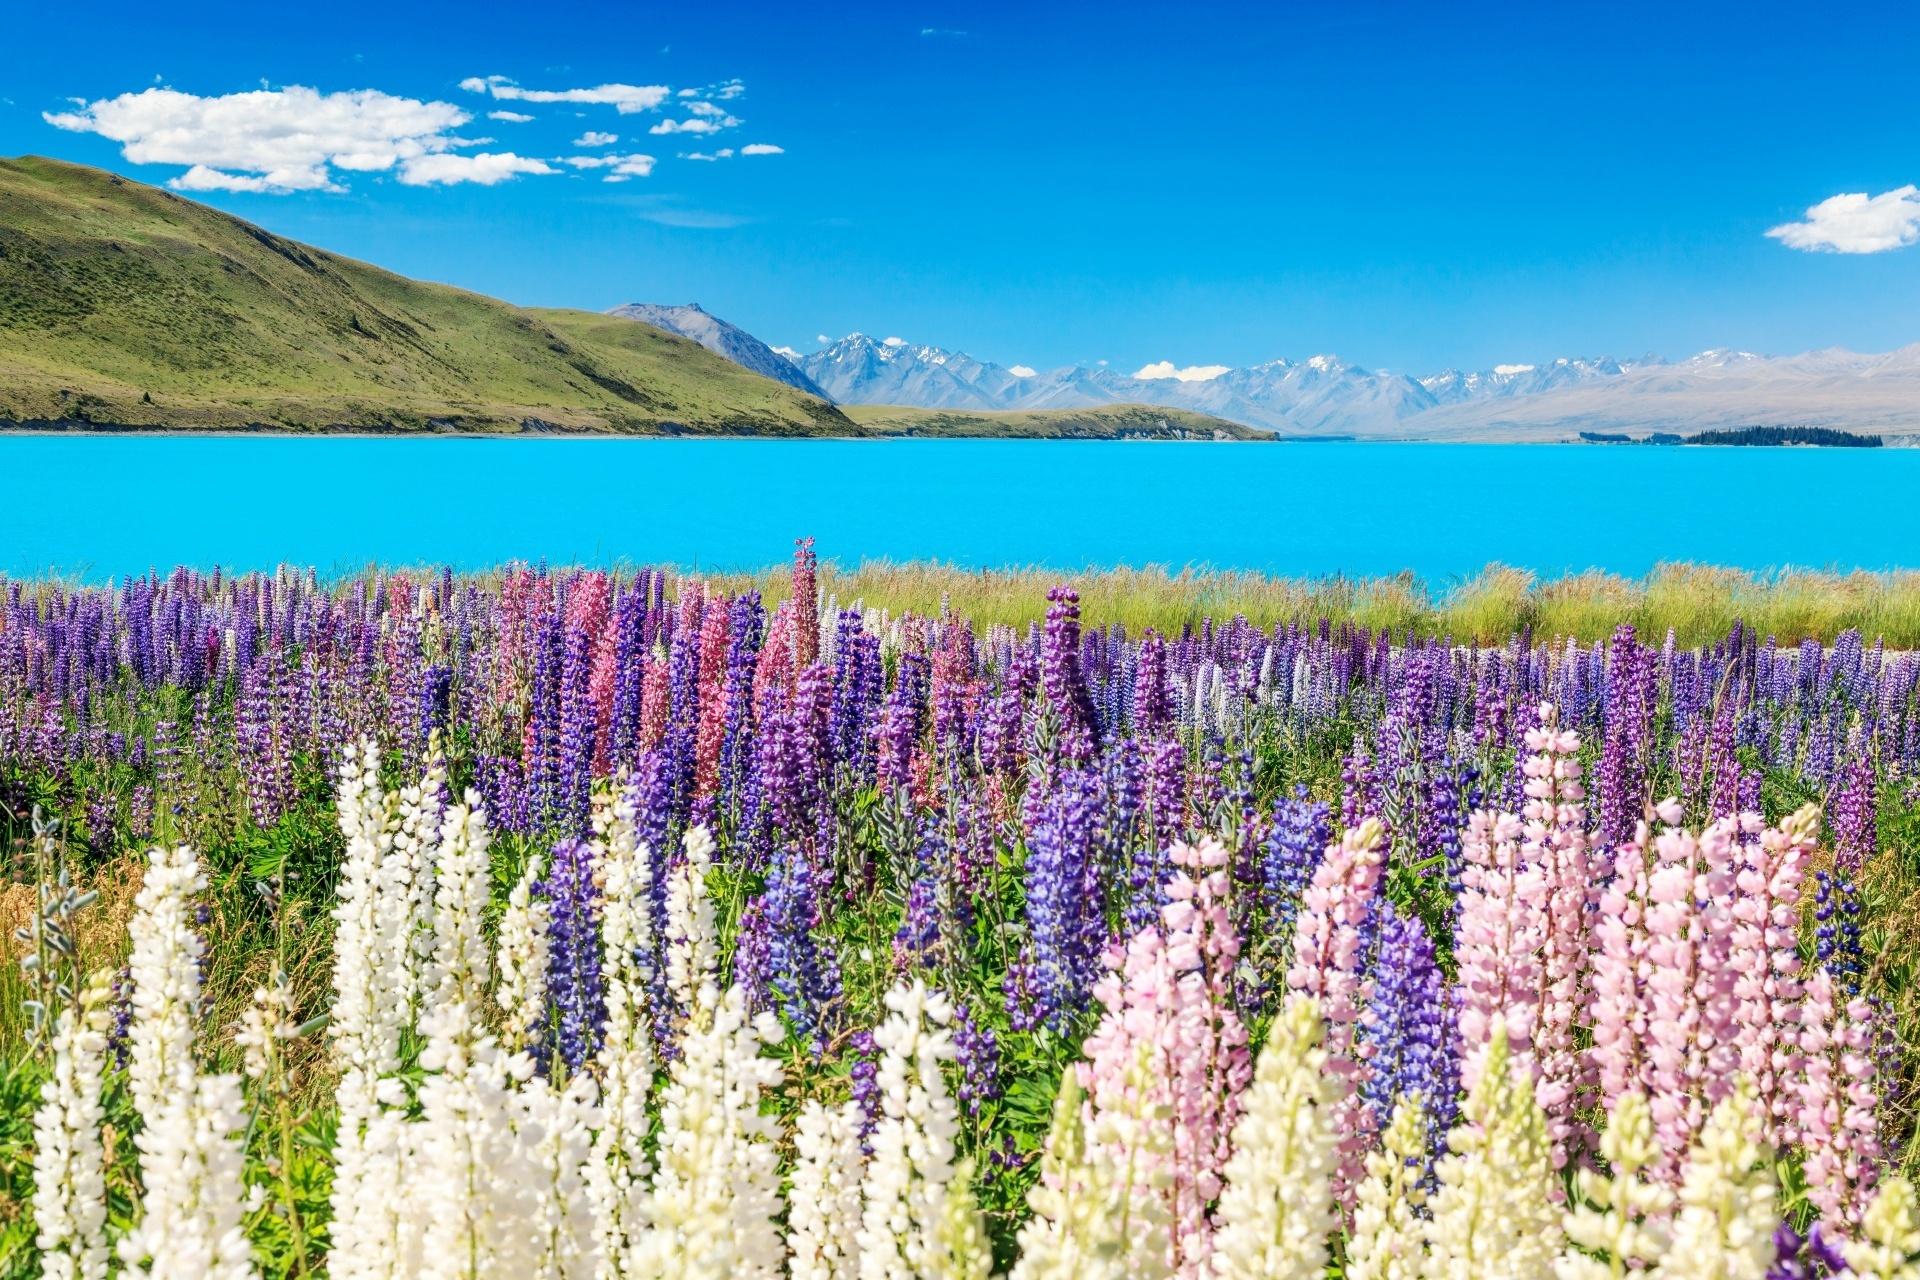 ルピナスの花とプカキ湖 ニュージーランド